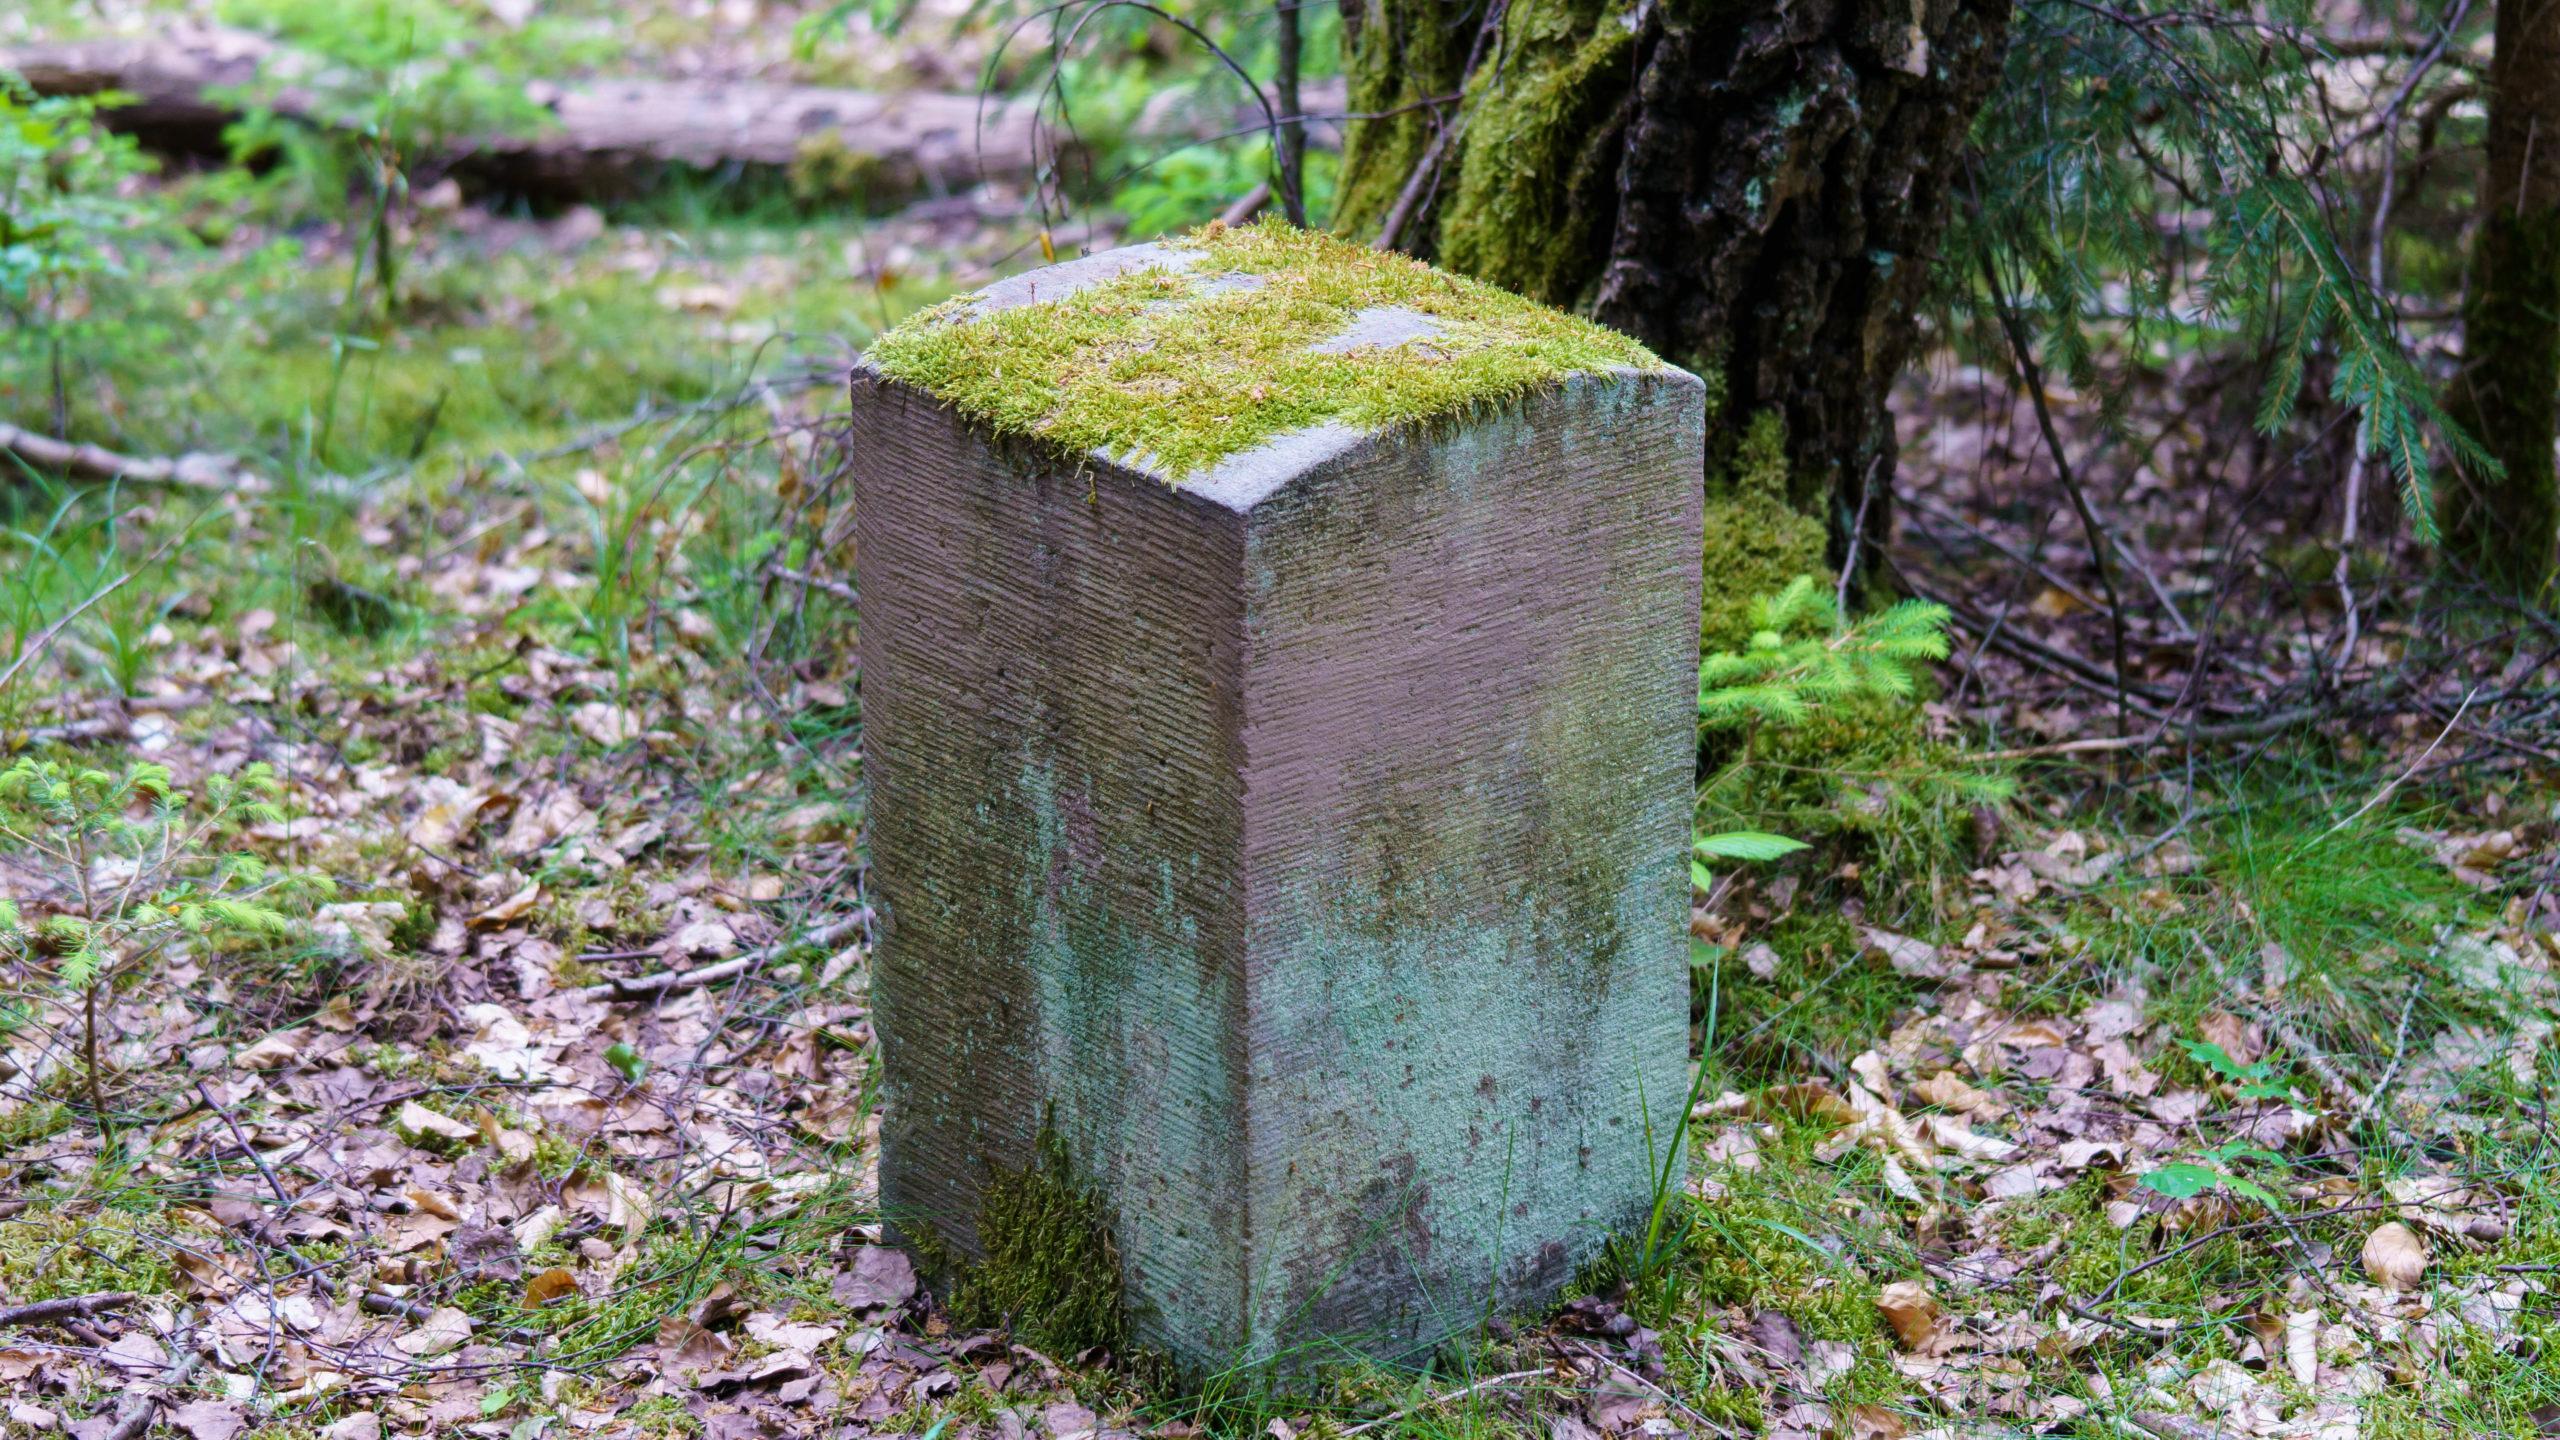 Grenzweg Gerstunger Forst, neuerer (seltener in Bauform) Grenzstein auf dem gemeinsamen Weg